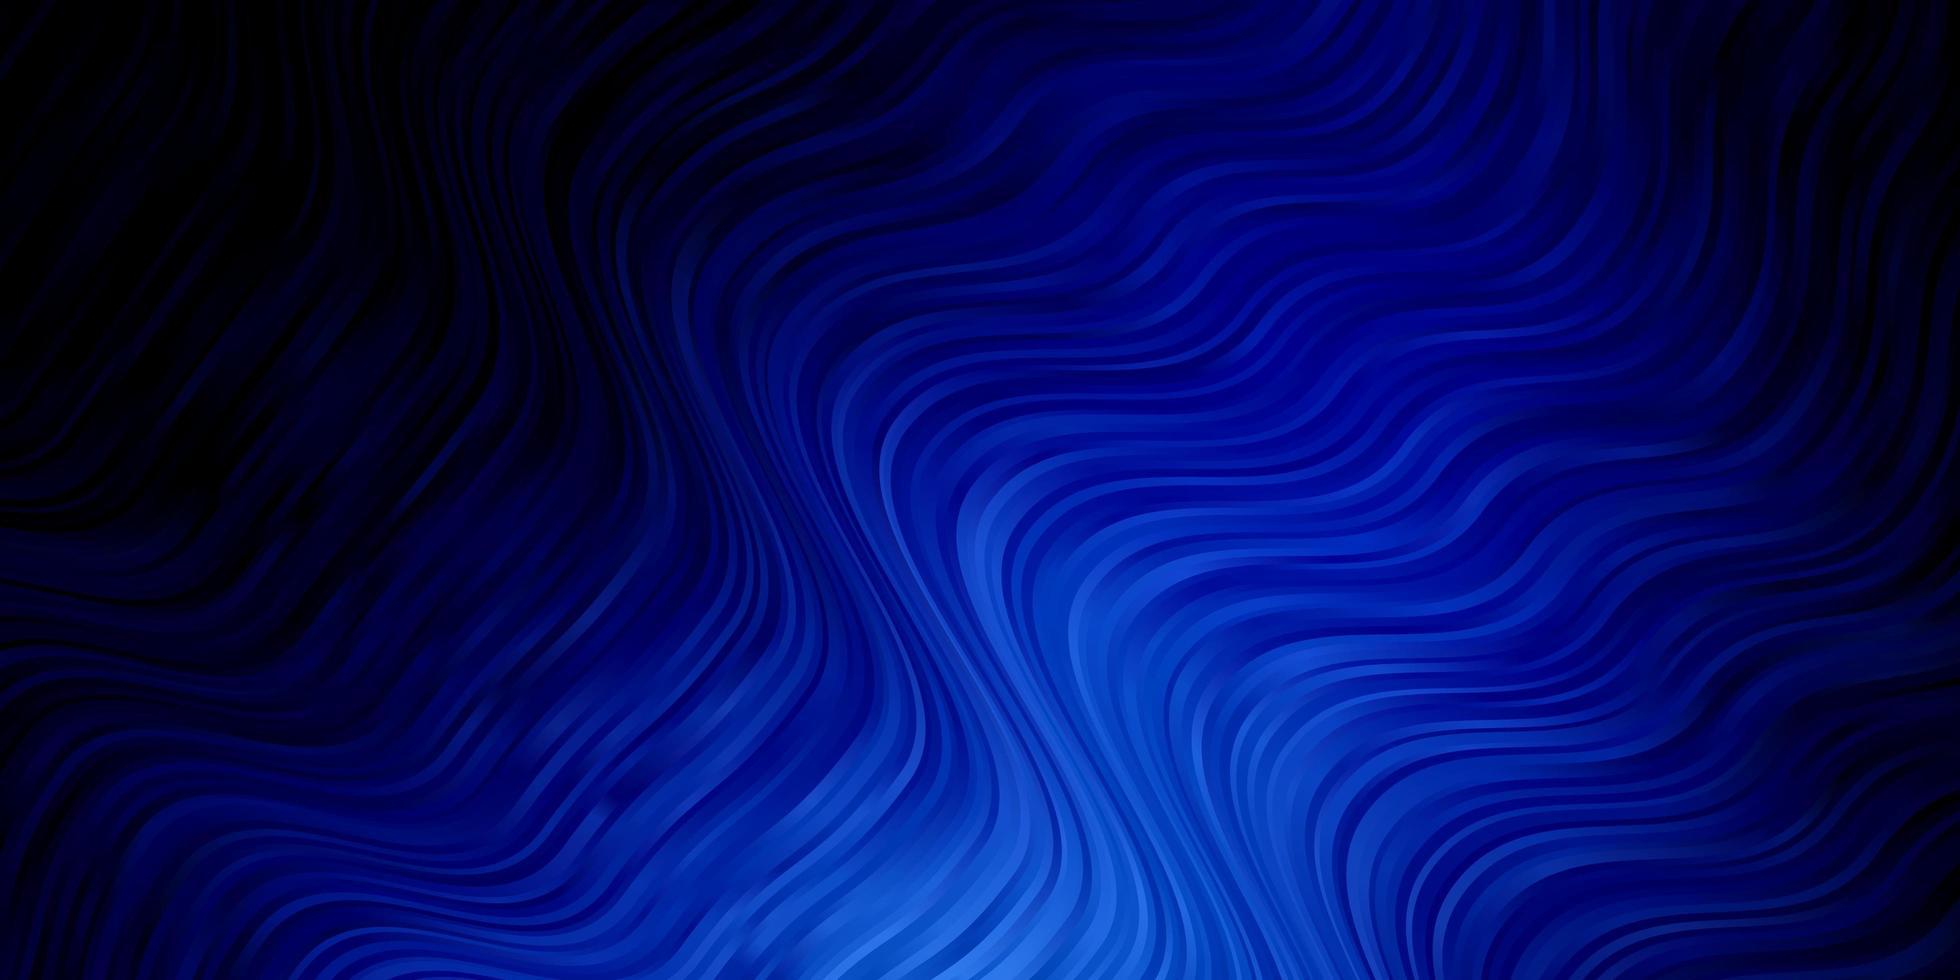 textura azul escura com arco circular. vetor